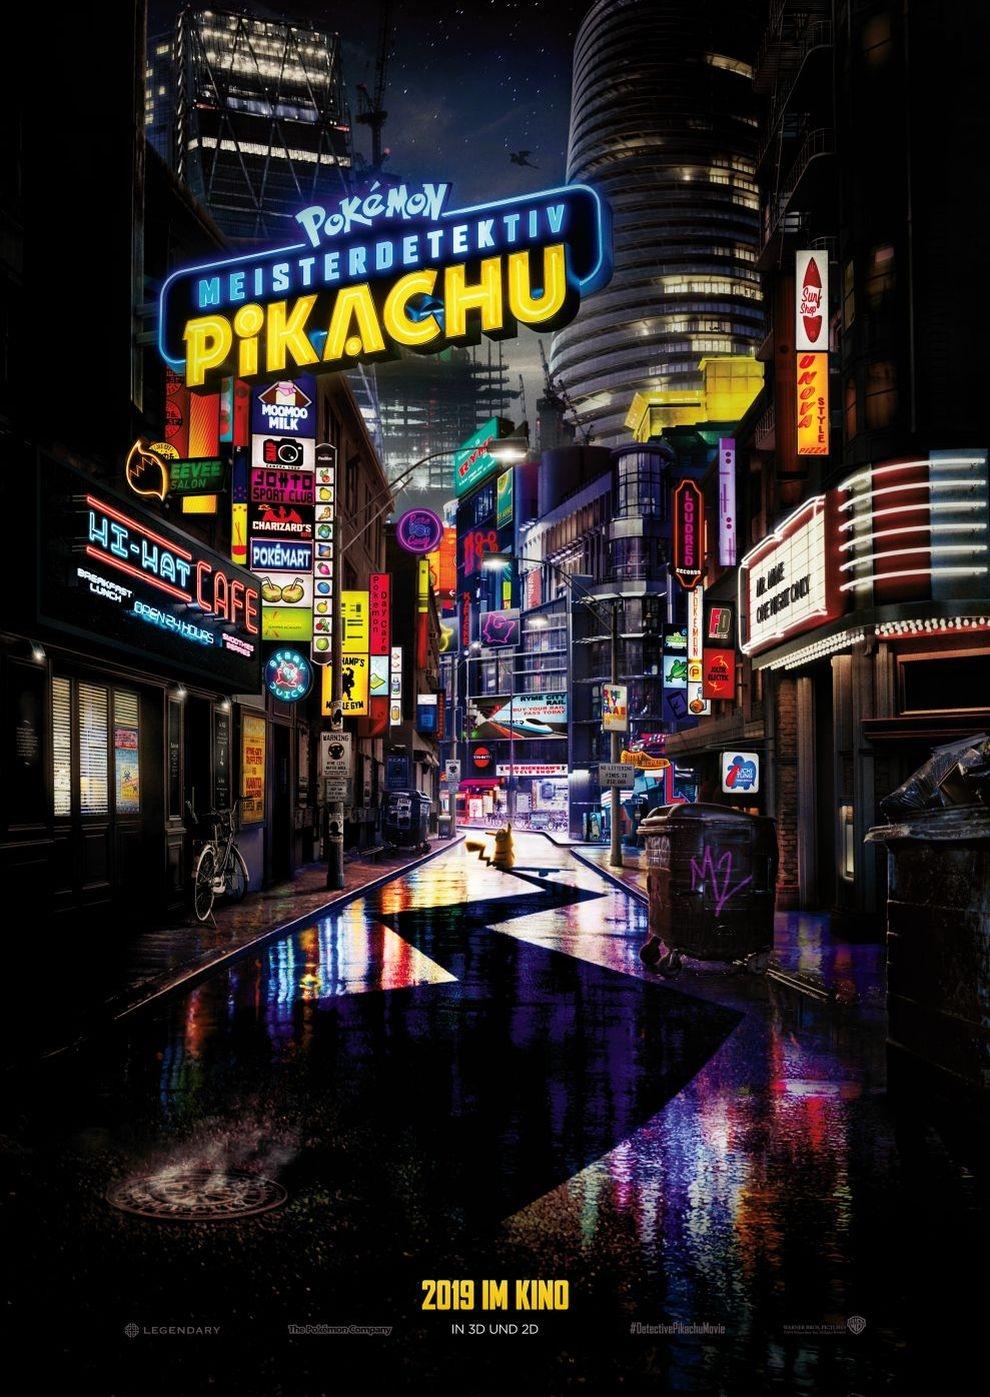 Pokémon Meisterdetektiv Pikachu (Poster)